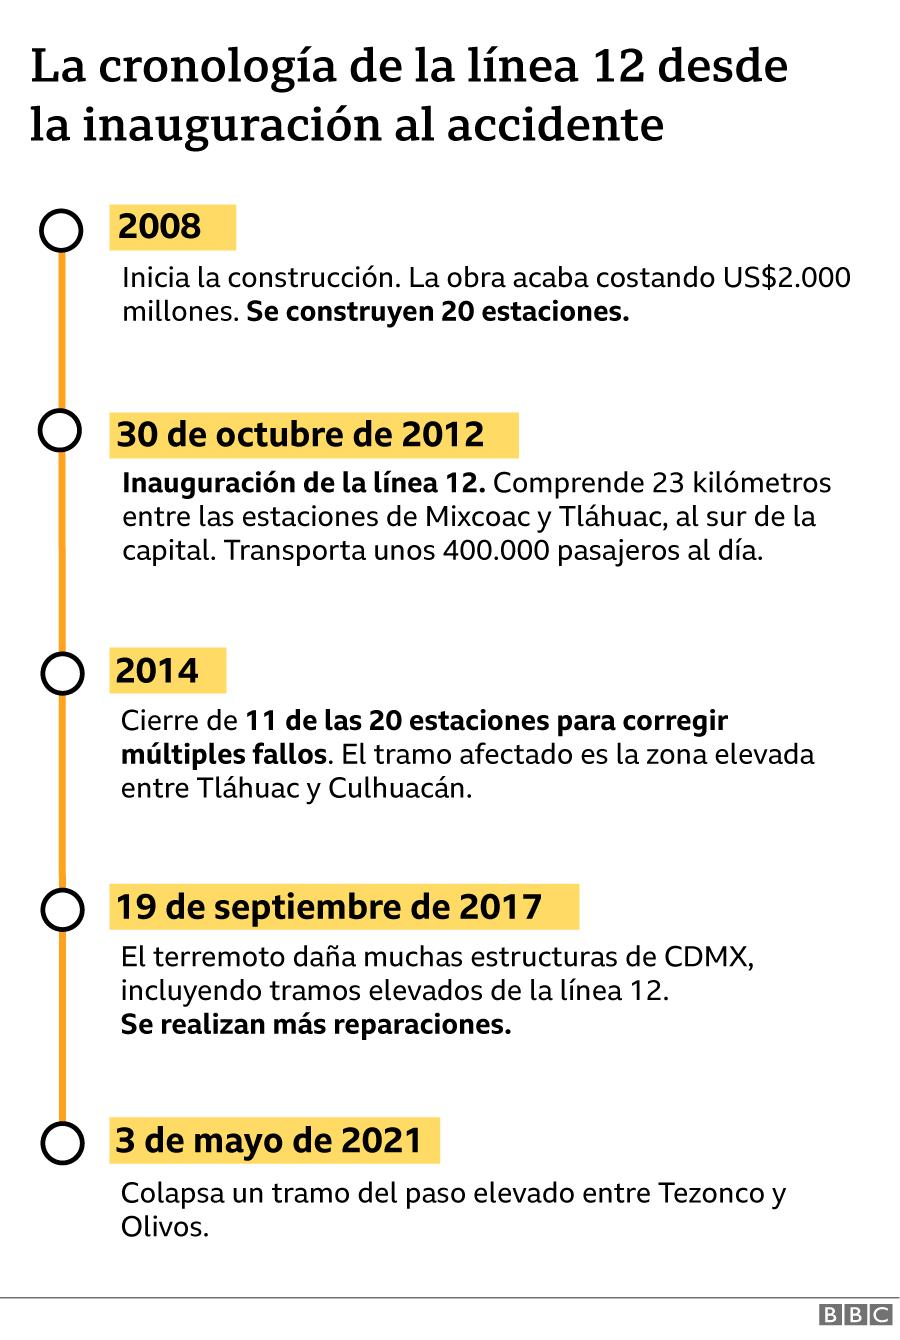 Timeline of line 12